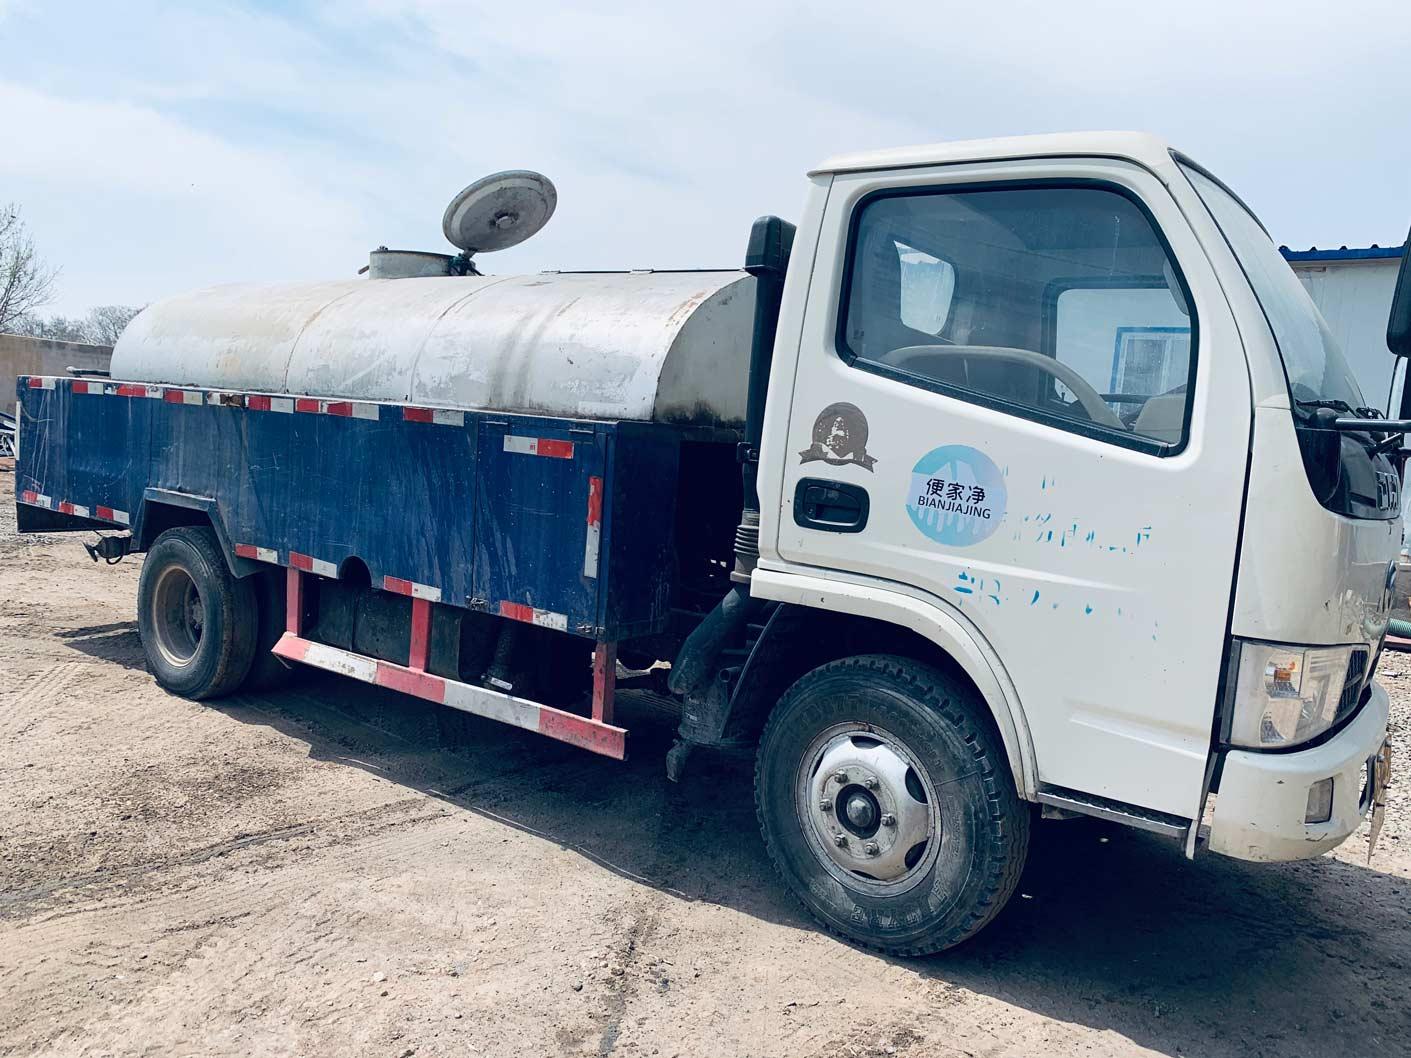 宁夏污水处理公司-宁夏污水处理哪里有-宁夏污水处理多少钱